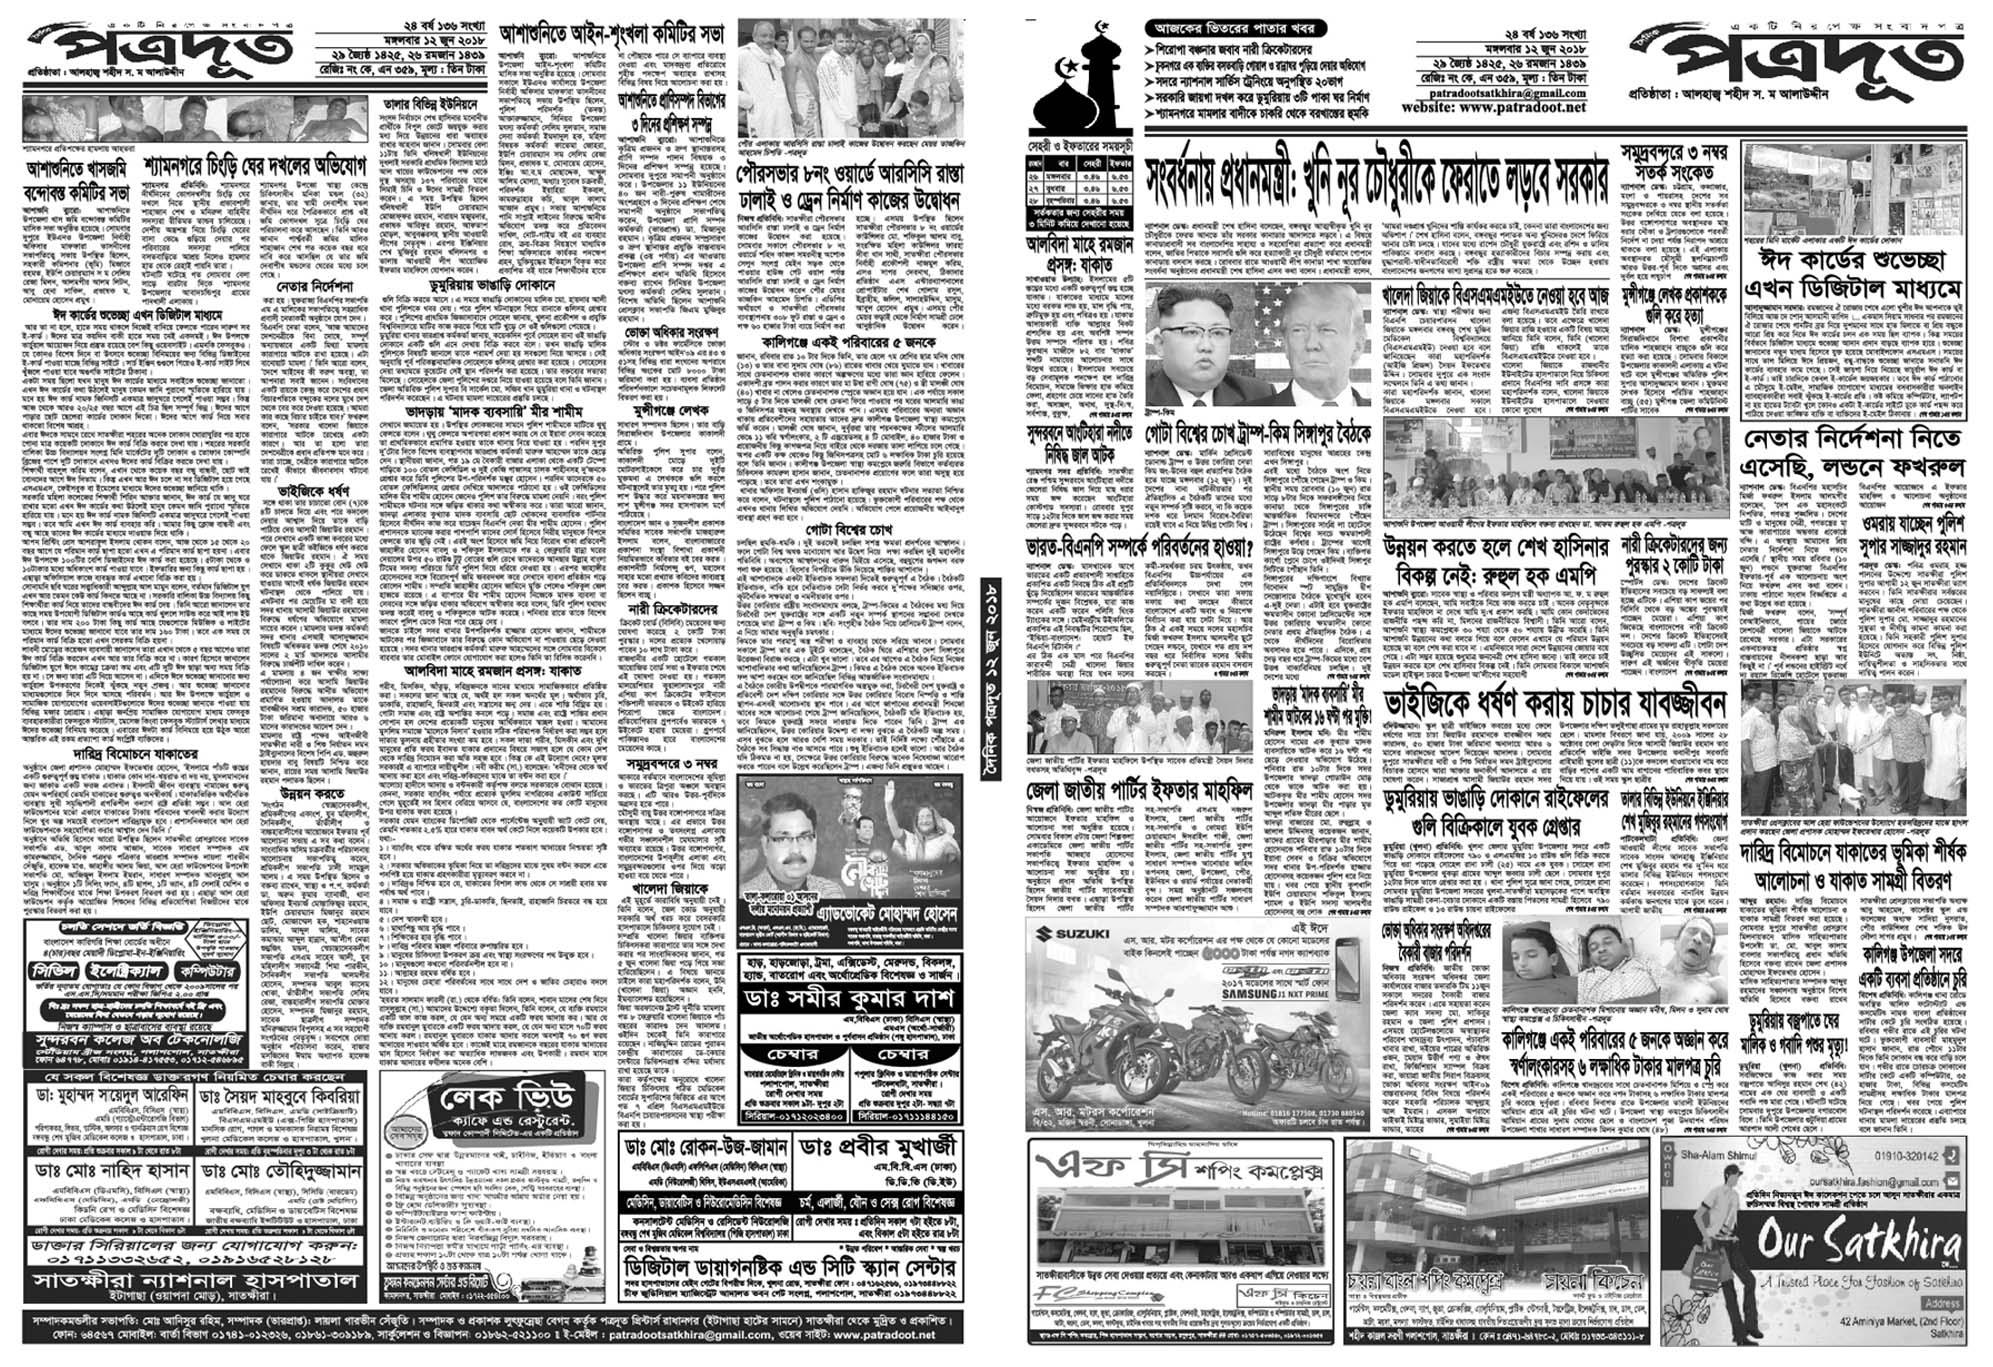 শার্শা বারপোতায়-মাদক সন্ত্রাস ও চোরাচালান বিরোধী সমাবেশ